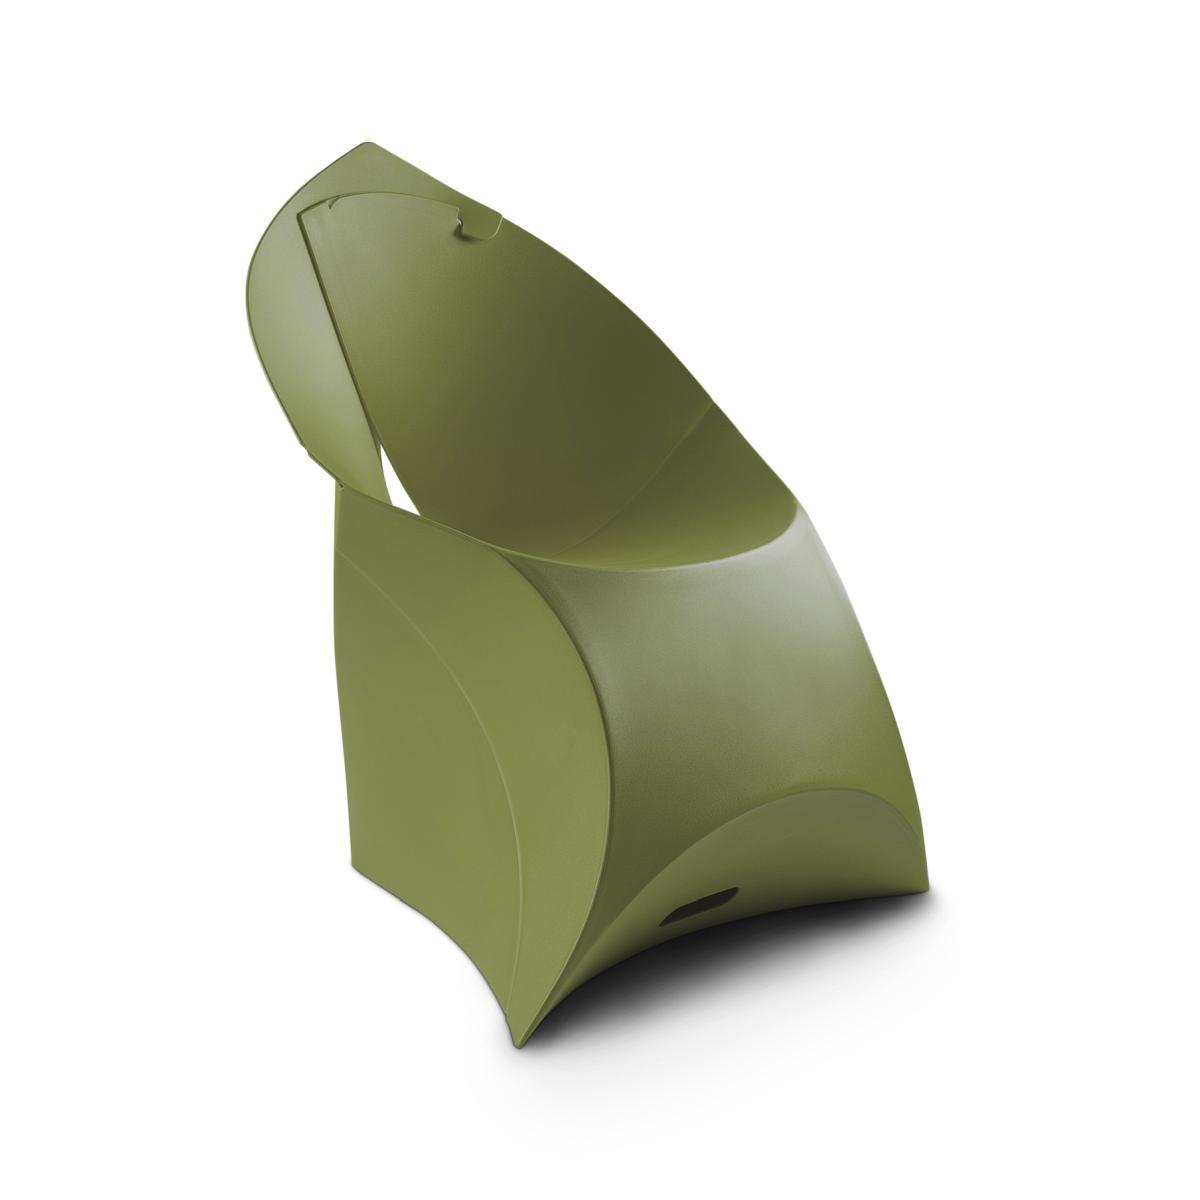 flux JUNIOR Kinderstuhl, faltbar, Camouflage-grün